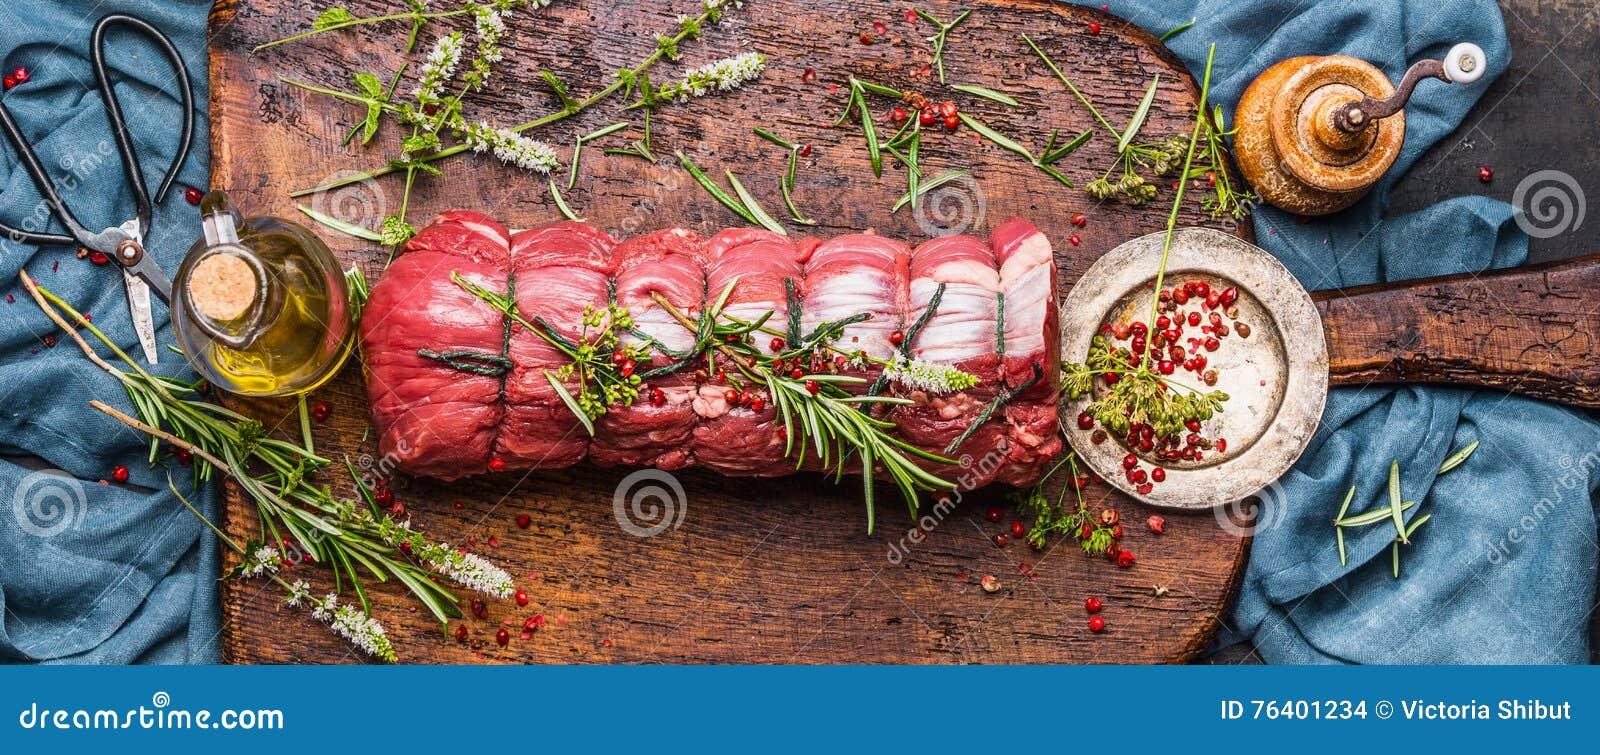 未加工的烤牛肉用草本栓与与烹调成份、油和香料的一条绳索在土气背景,顶视图